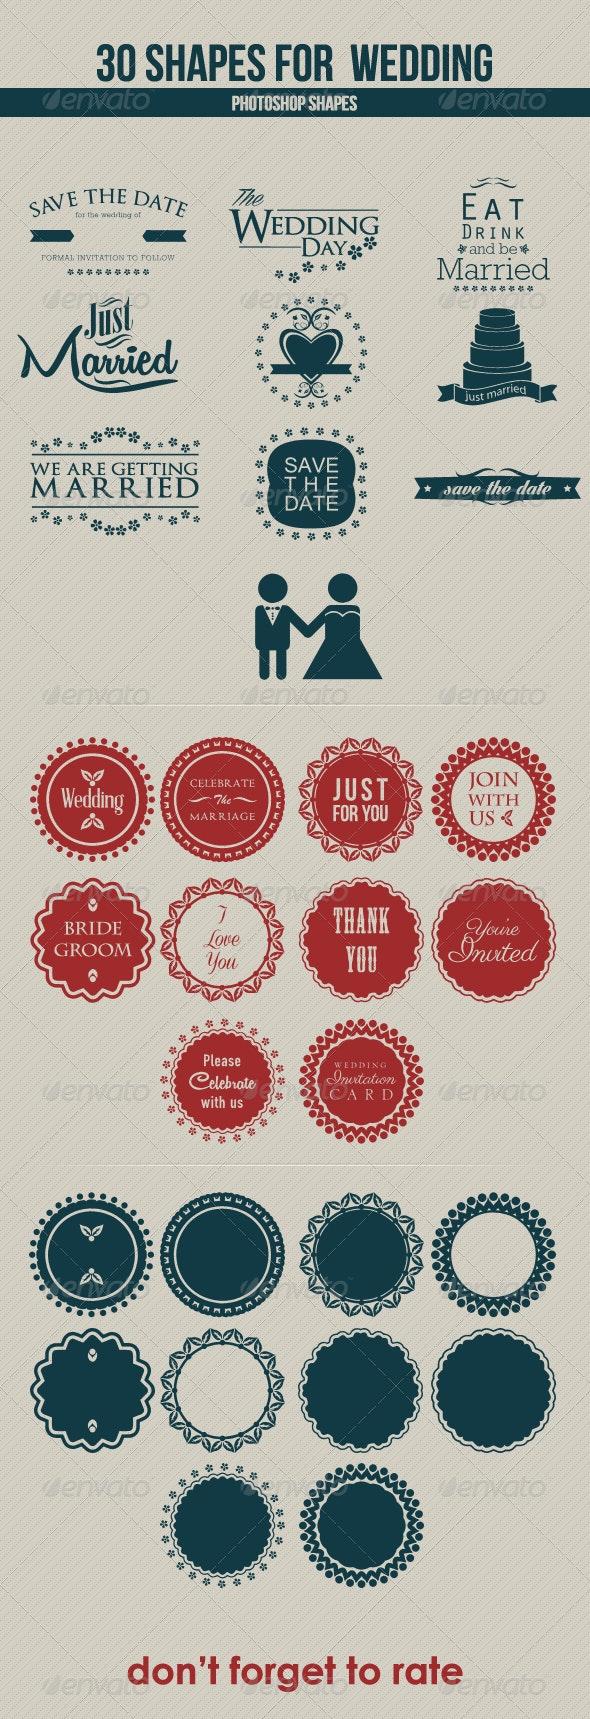 30 Shapes for Wedding - Shapes Photoshop